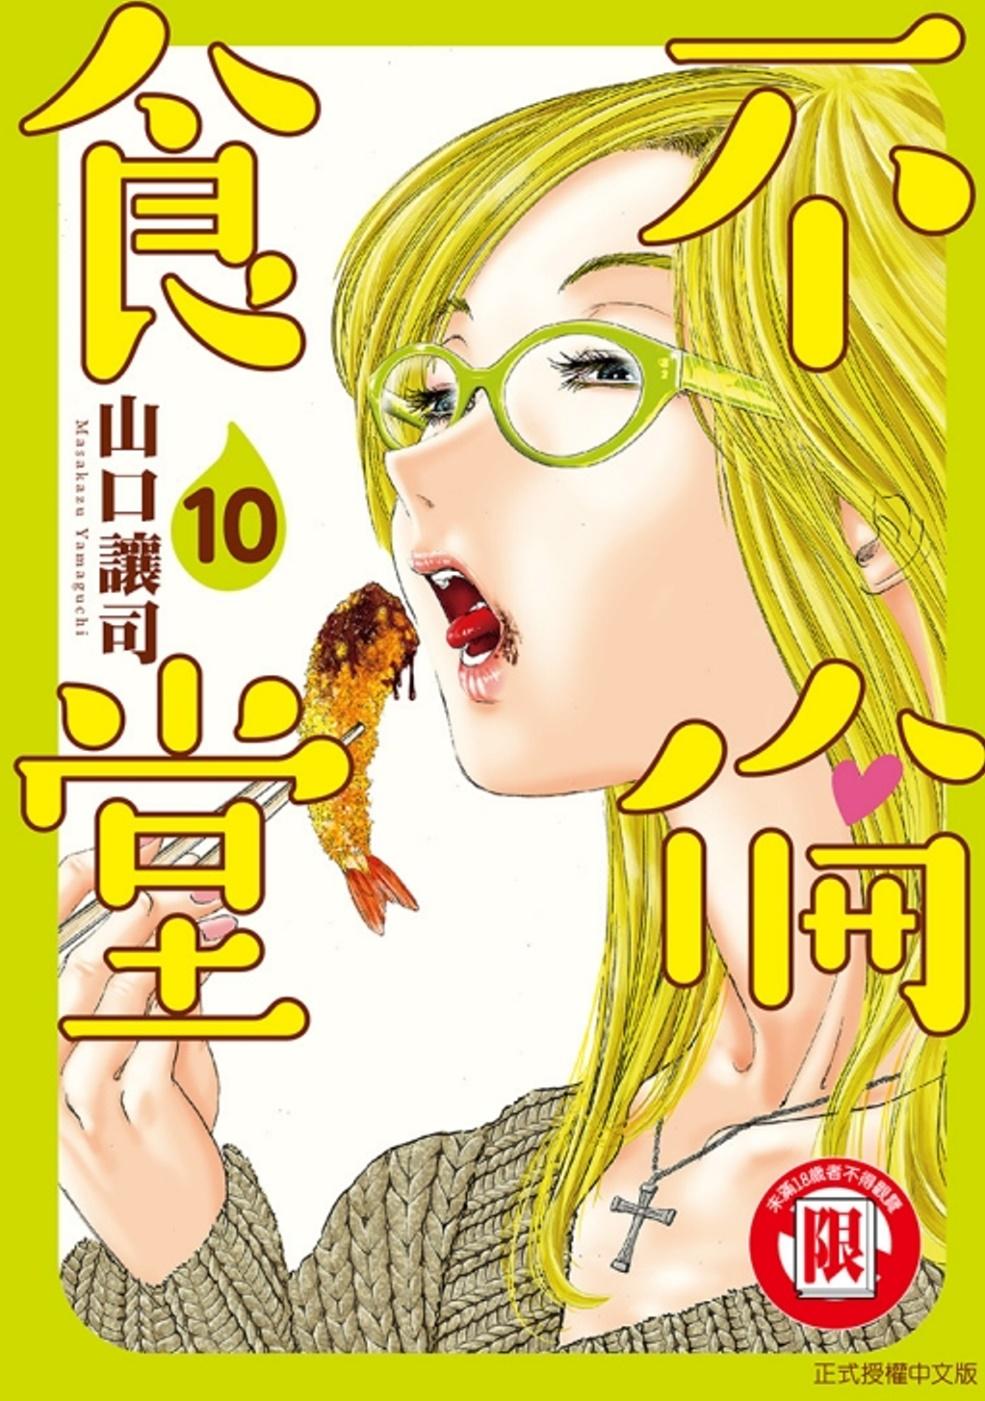 不倫食堂 10(限台灣)